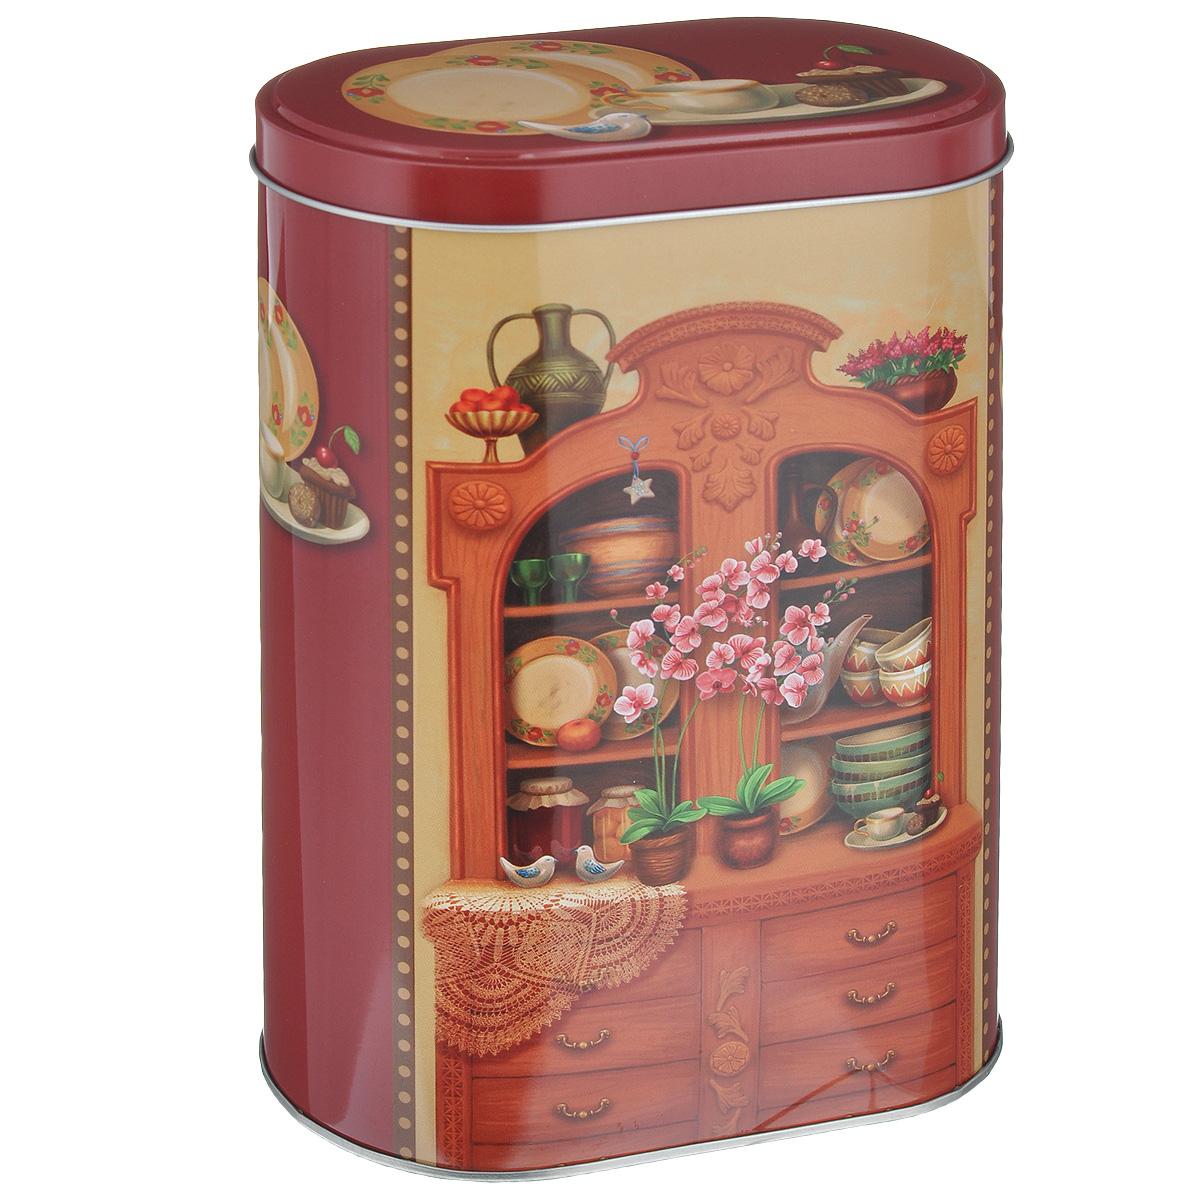 Банка для сыпучих продуктов Феникс-презент Бабушкин сервант, 1,7 лVT-1520(SR)Банка для сыпучих продуктов Феникс-презент Бабушкин сервант, изготовленная из окрашенного черного металла, оформлена ярким рисунком. Банка прекрасно подойдет для хранения различных сыпучих продуктов: специй, чая, кофе, сахара, круп и многого другого. Емкость плотно закрывается крышкой. Благодаря этому она будет дольше сохранять свежесть ваших продуктов.Функциональная и вместительная, такая банка станет незаменимым аксессуаром на любой кухне. Нельзя мыть в посудомоечной машине.Объем банки: 1,7 л.Высота банки (без учета крышки): 18,5 см. Размер банки (по верхнему краю): 13,5 см х 7,5 см.